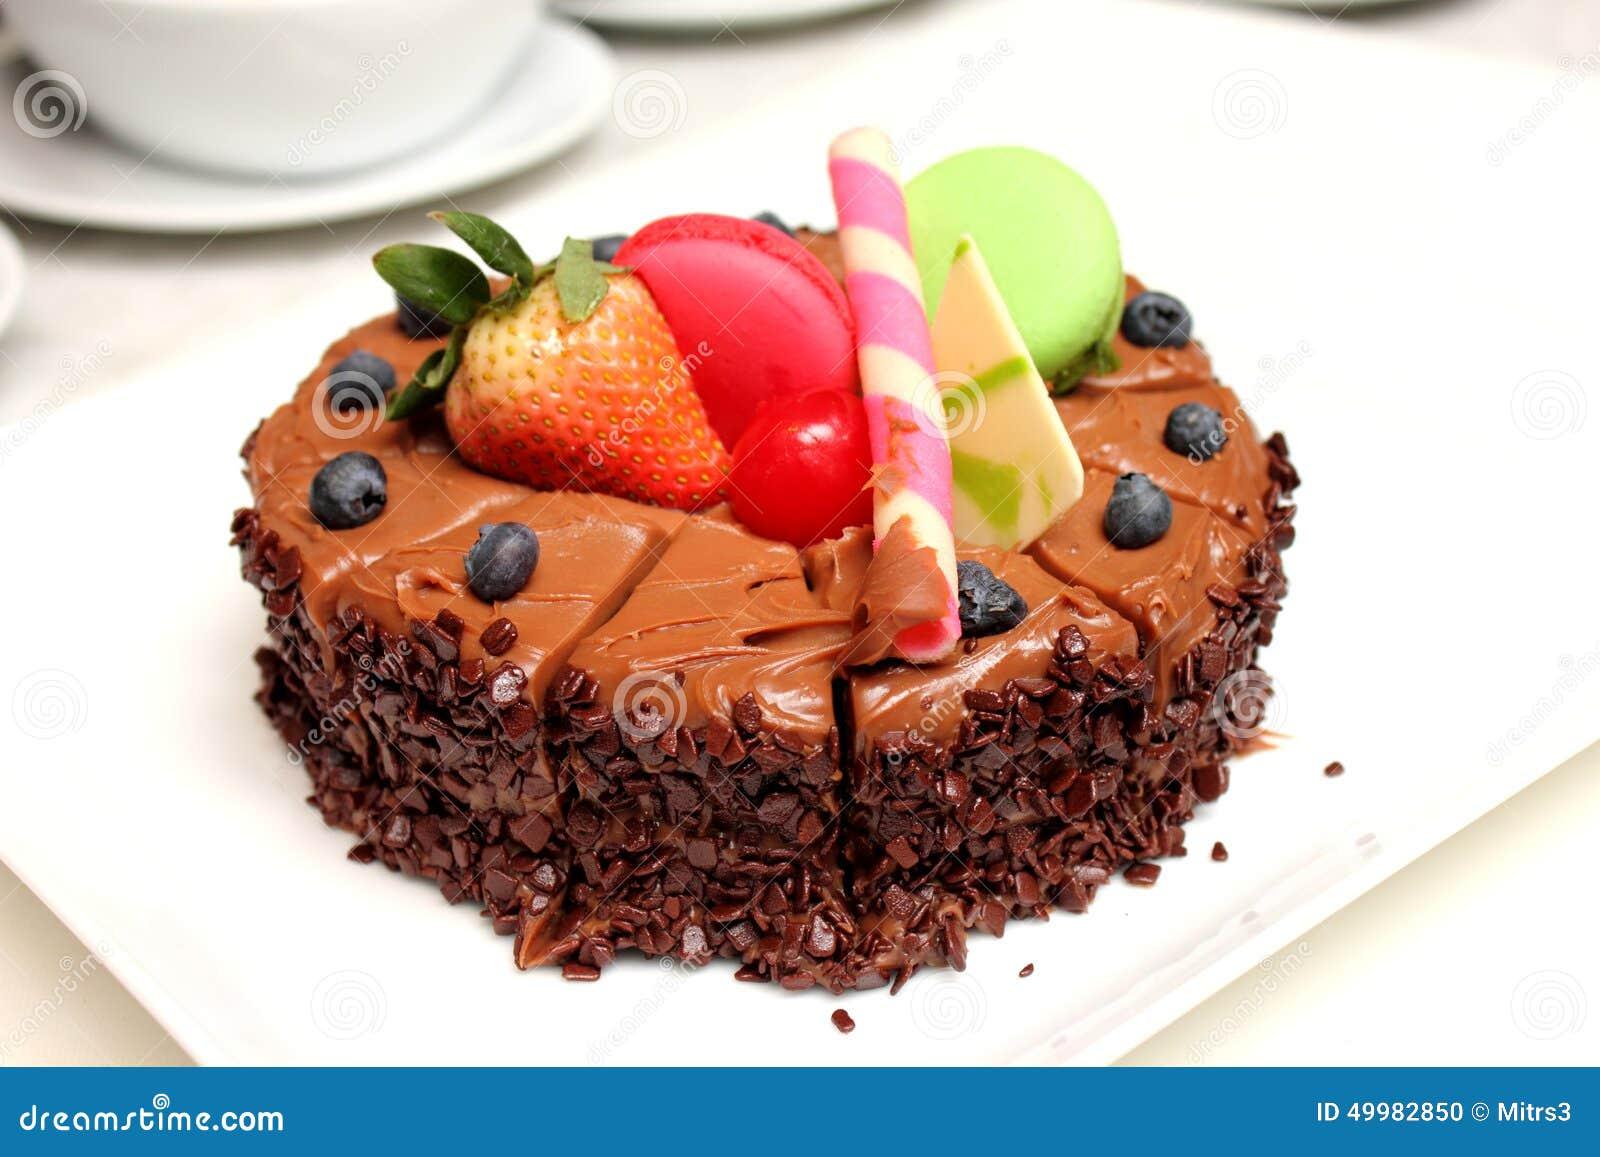 Fruit Decoration On Chocolate Cake : Chocolate Cake With Fresh Fruit Decoration. Stock Photo ...